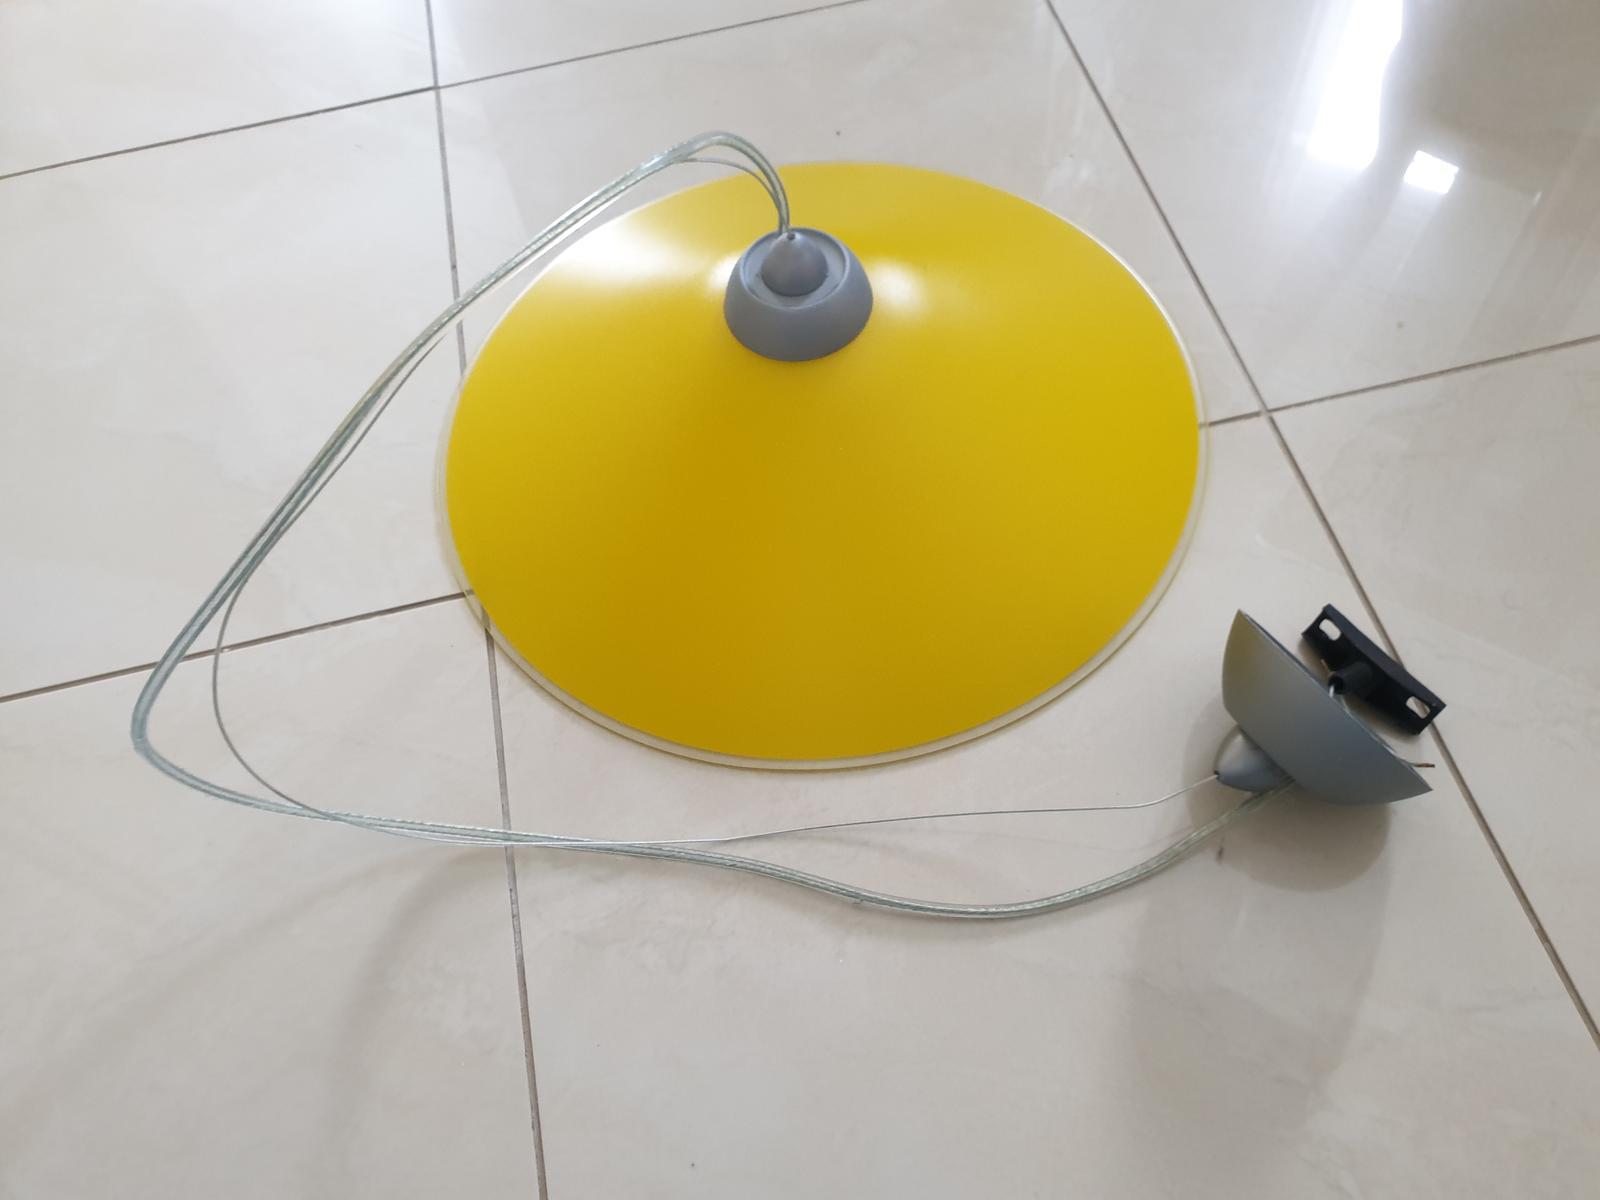 visiace stropné svietidlo - Obrázok č. 1